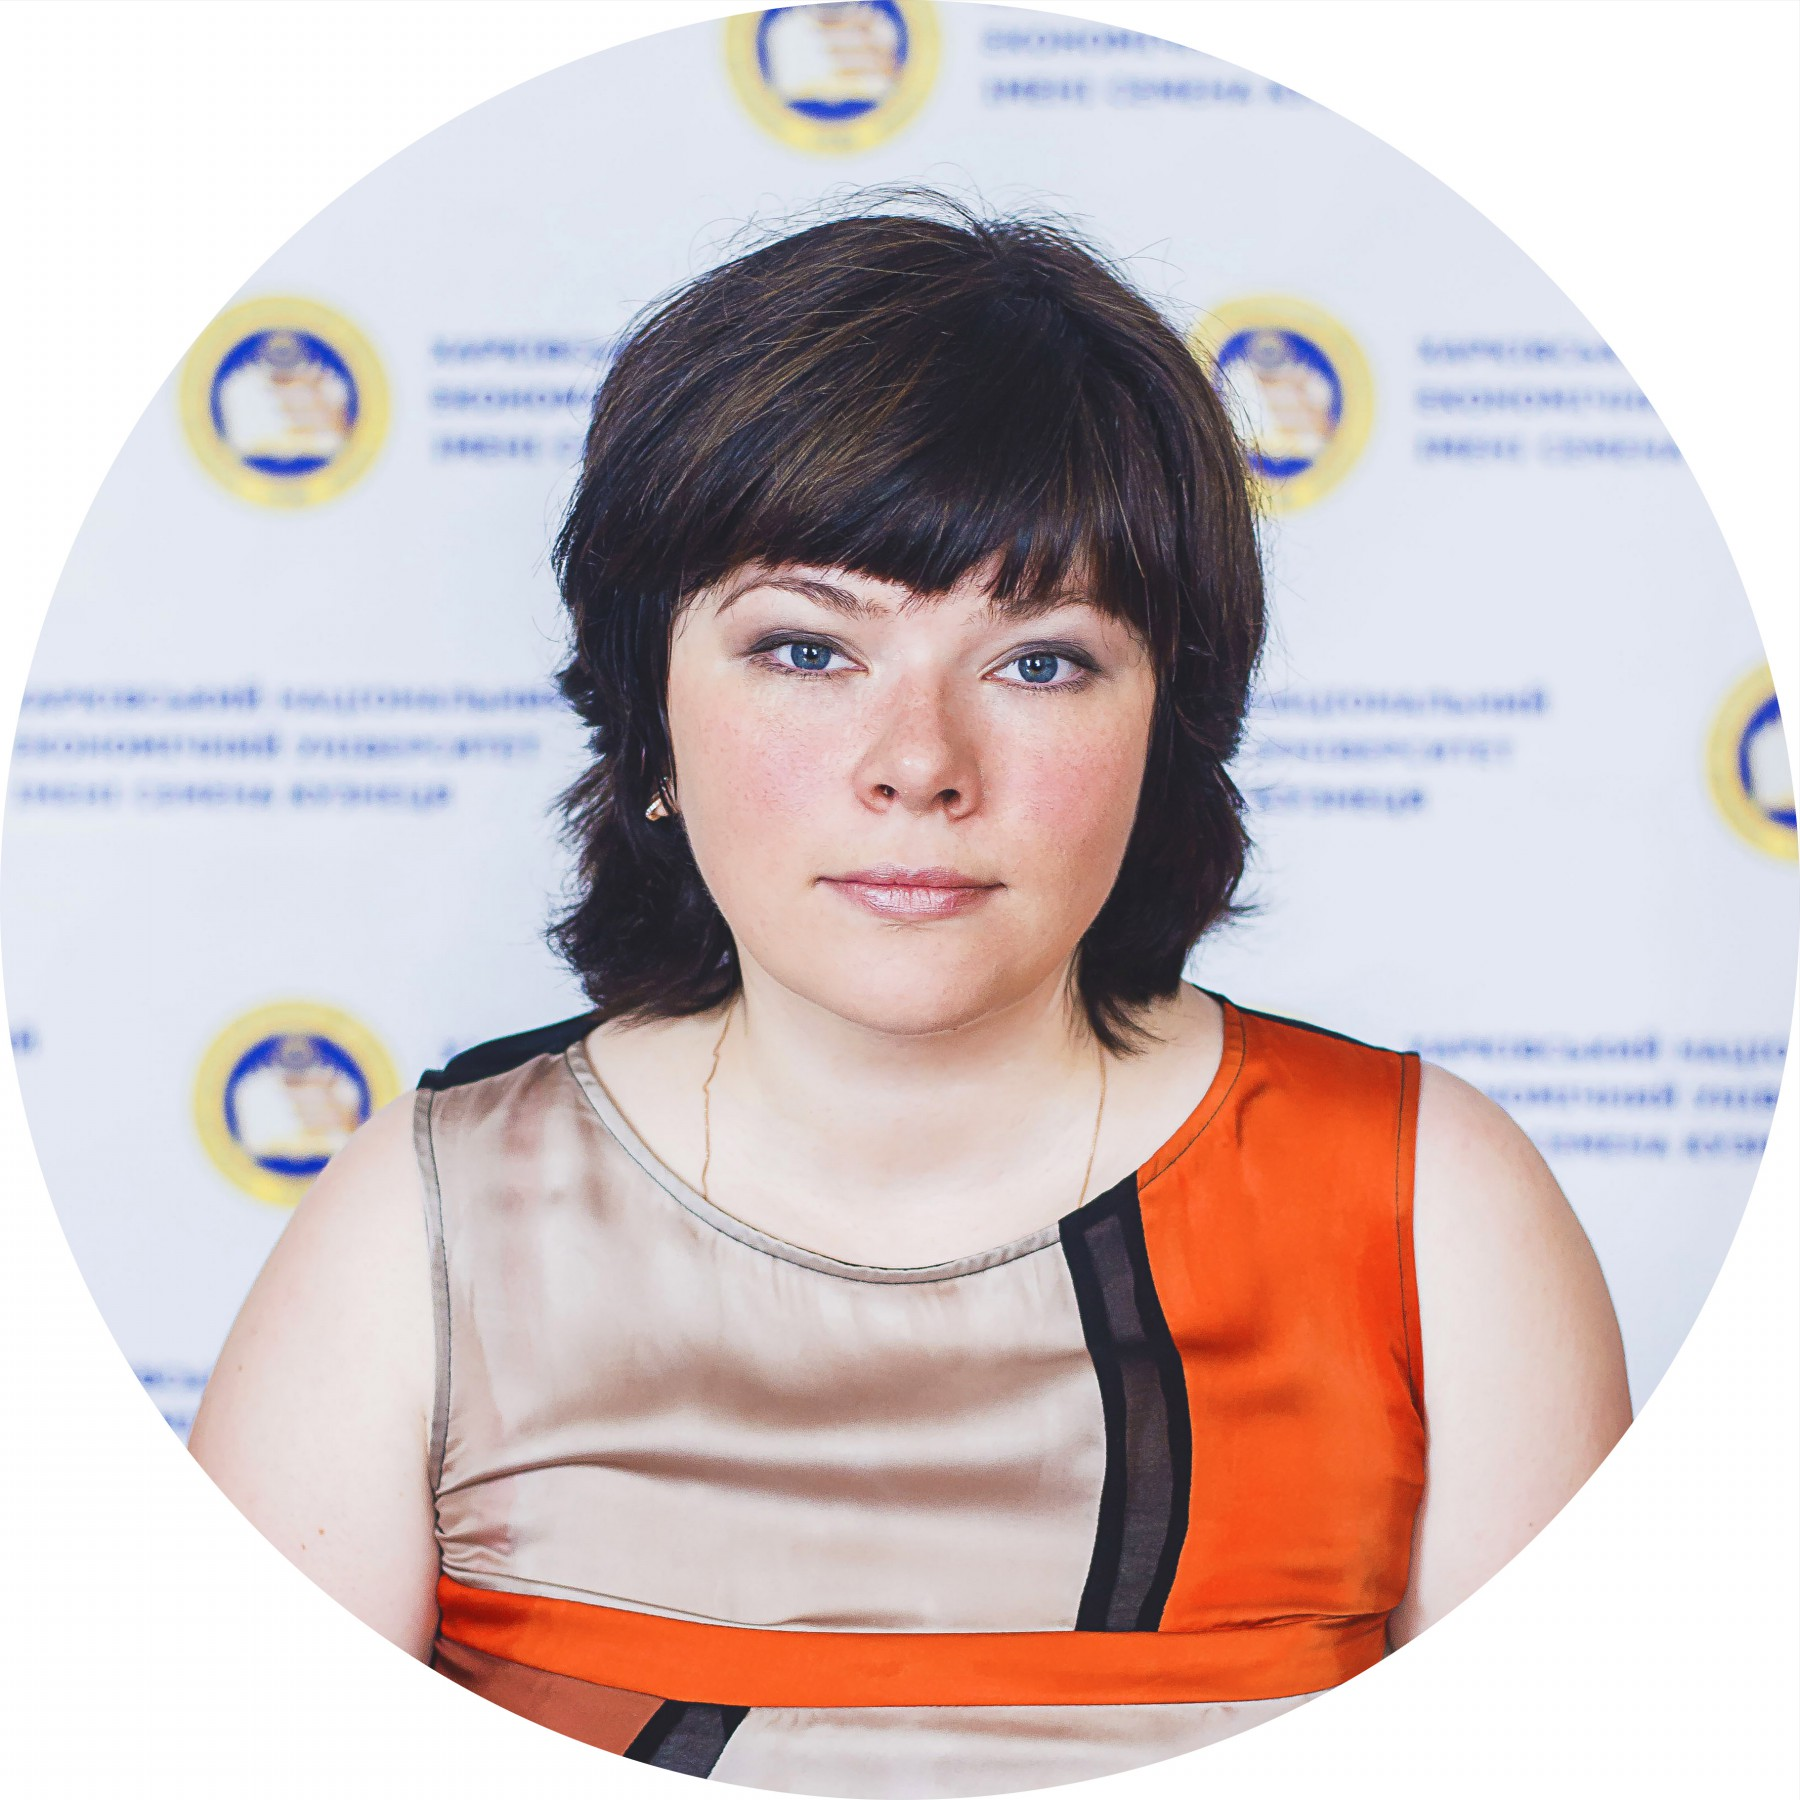 Івахненко Ольга Володимирівна